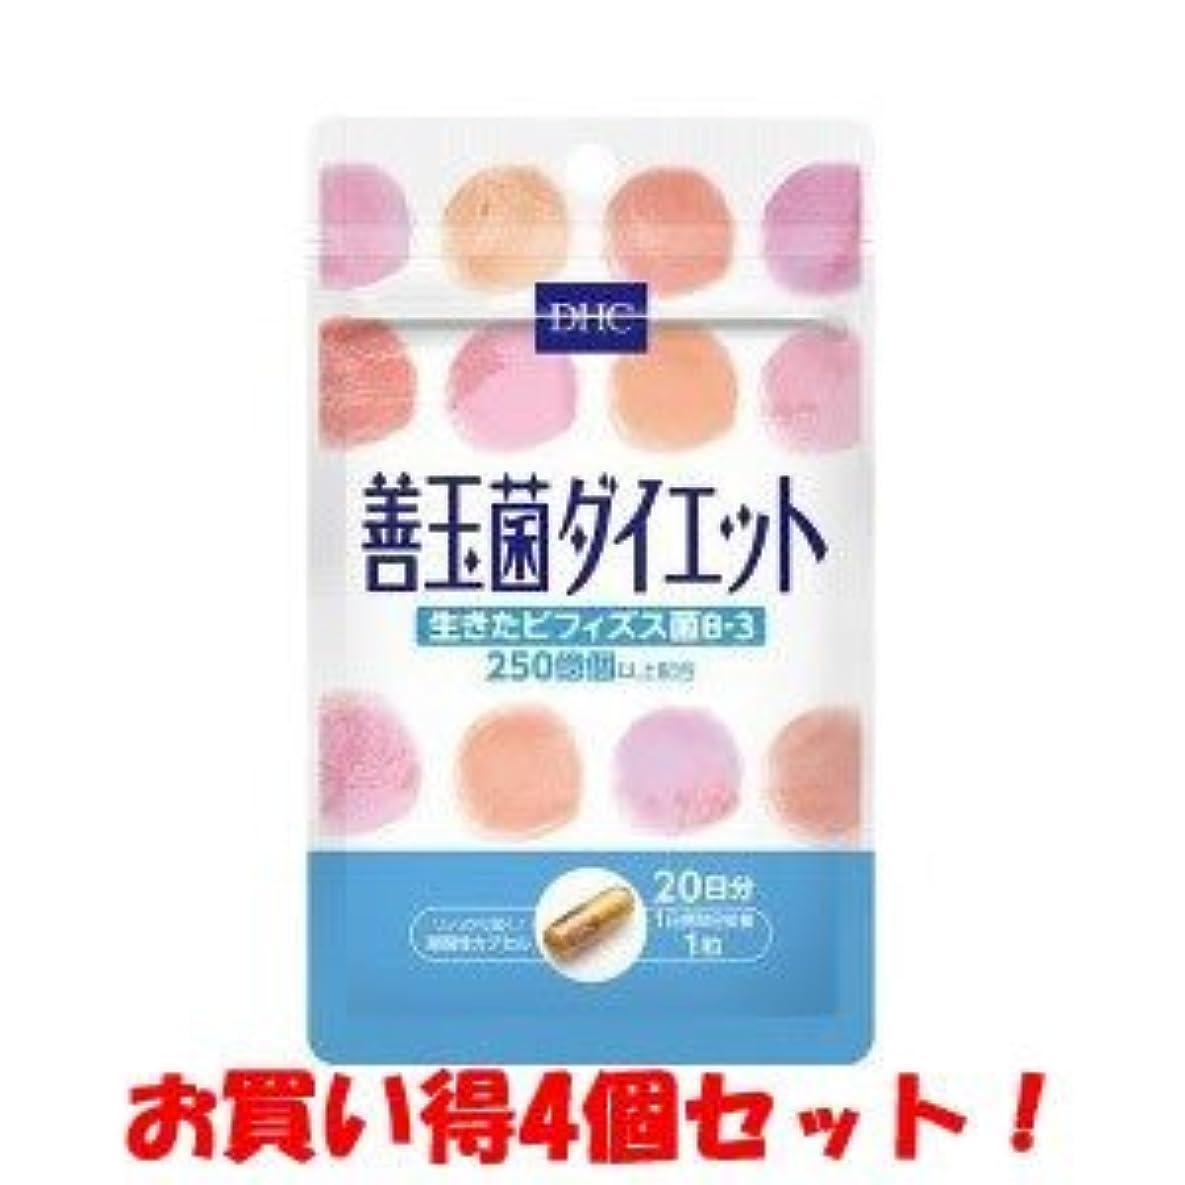 再生可能解くキャメルDHC 20日善玉菌ダイエット 6.9g/新商品/(お買い得4個セット)